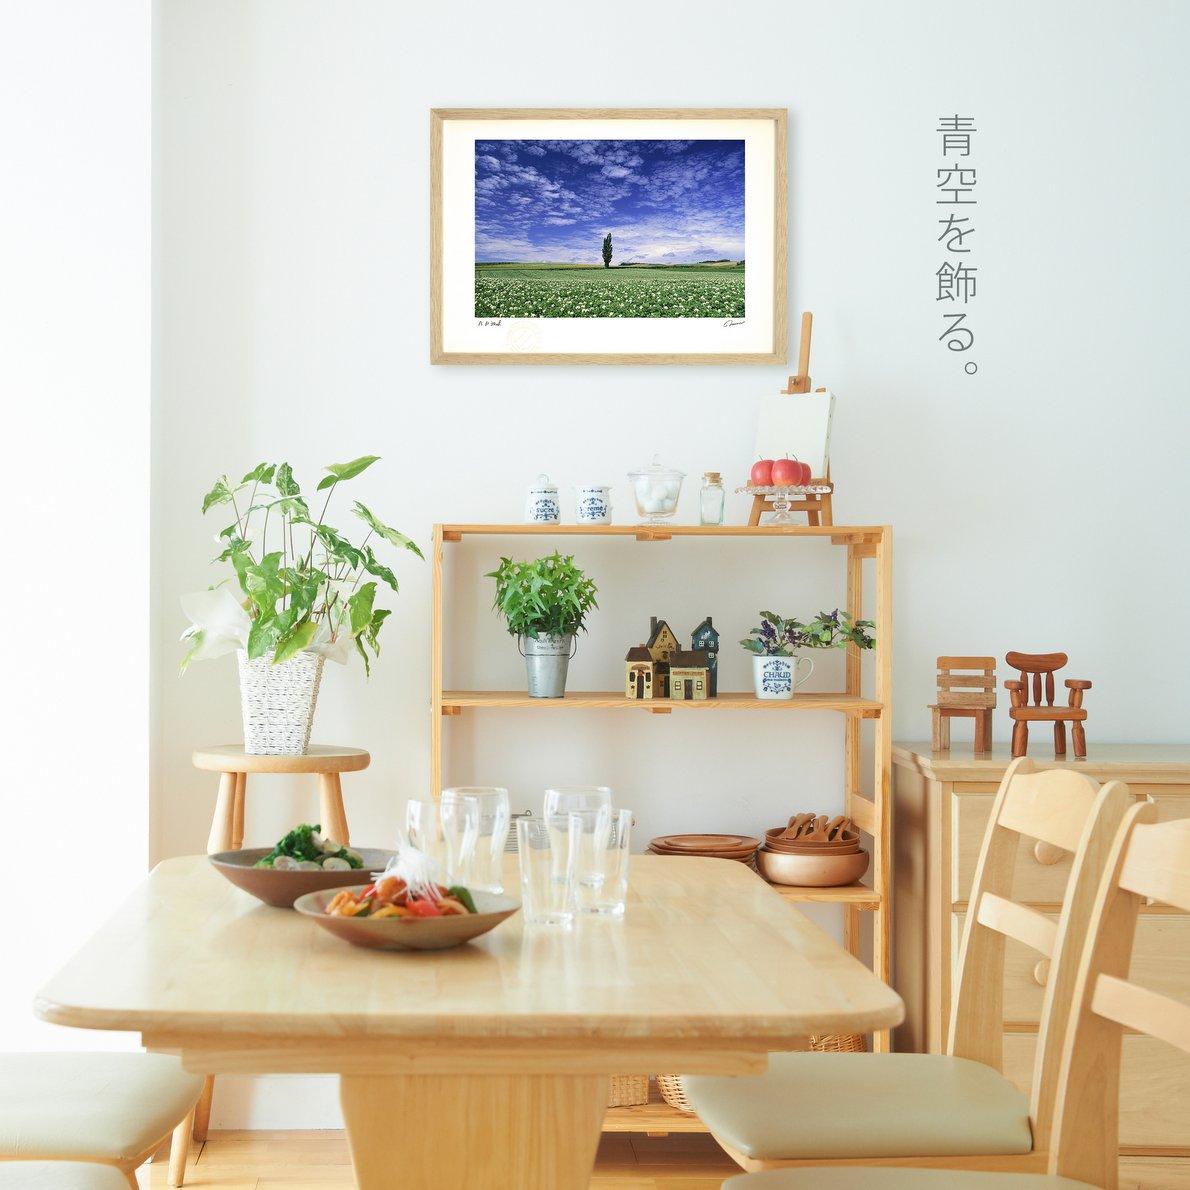 《アートフォト》キガラシ畑と雲/美瑛町〔富良野・高橋真澄〕(レンタル対象)